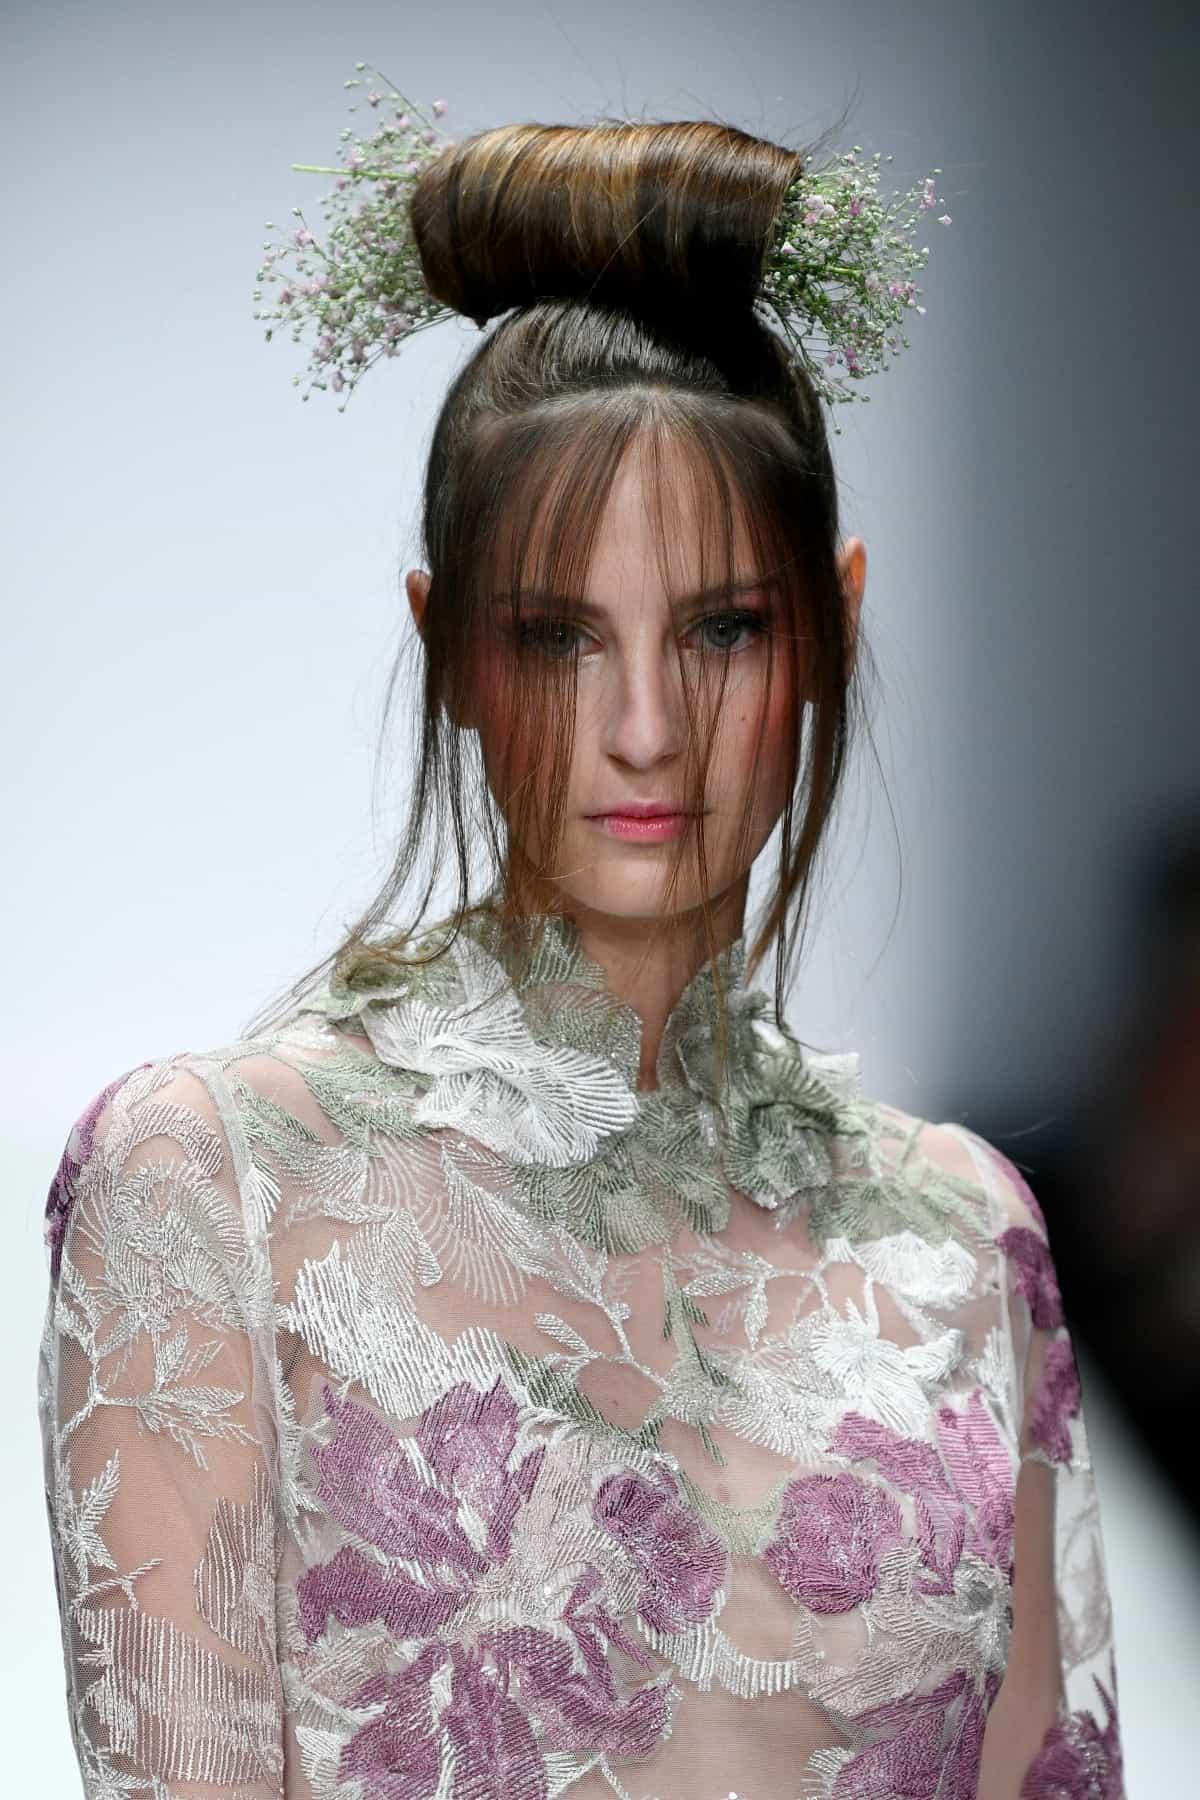 Lana Mueller Sommermode 2020 zur MBFW auf der Fashion Week Berlin Juli 2019 - 4